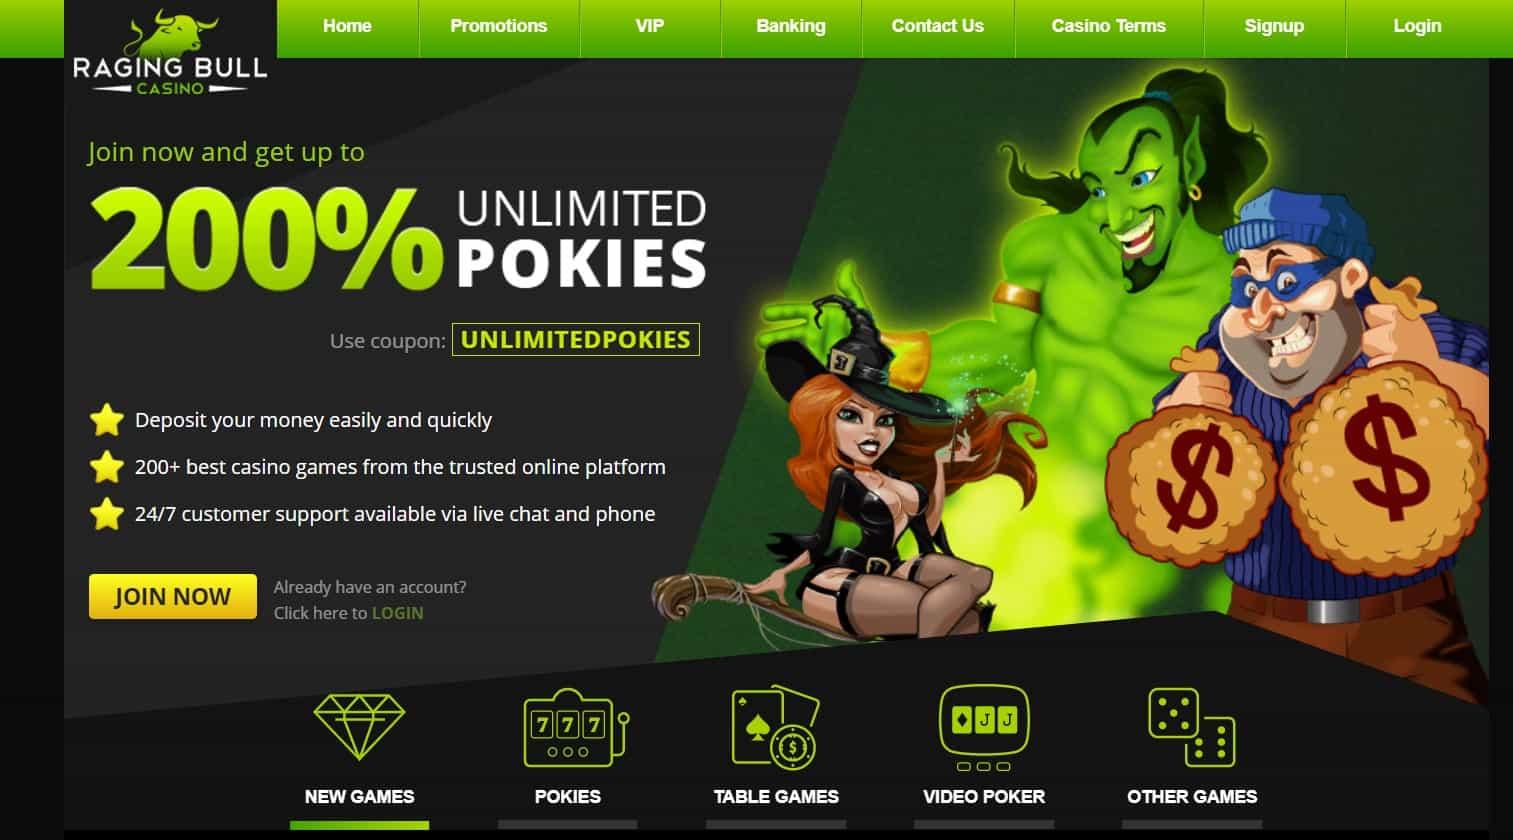 raging bull casino homepage